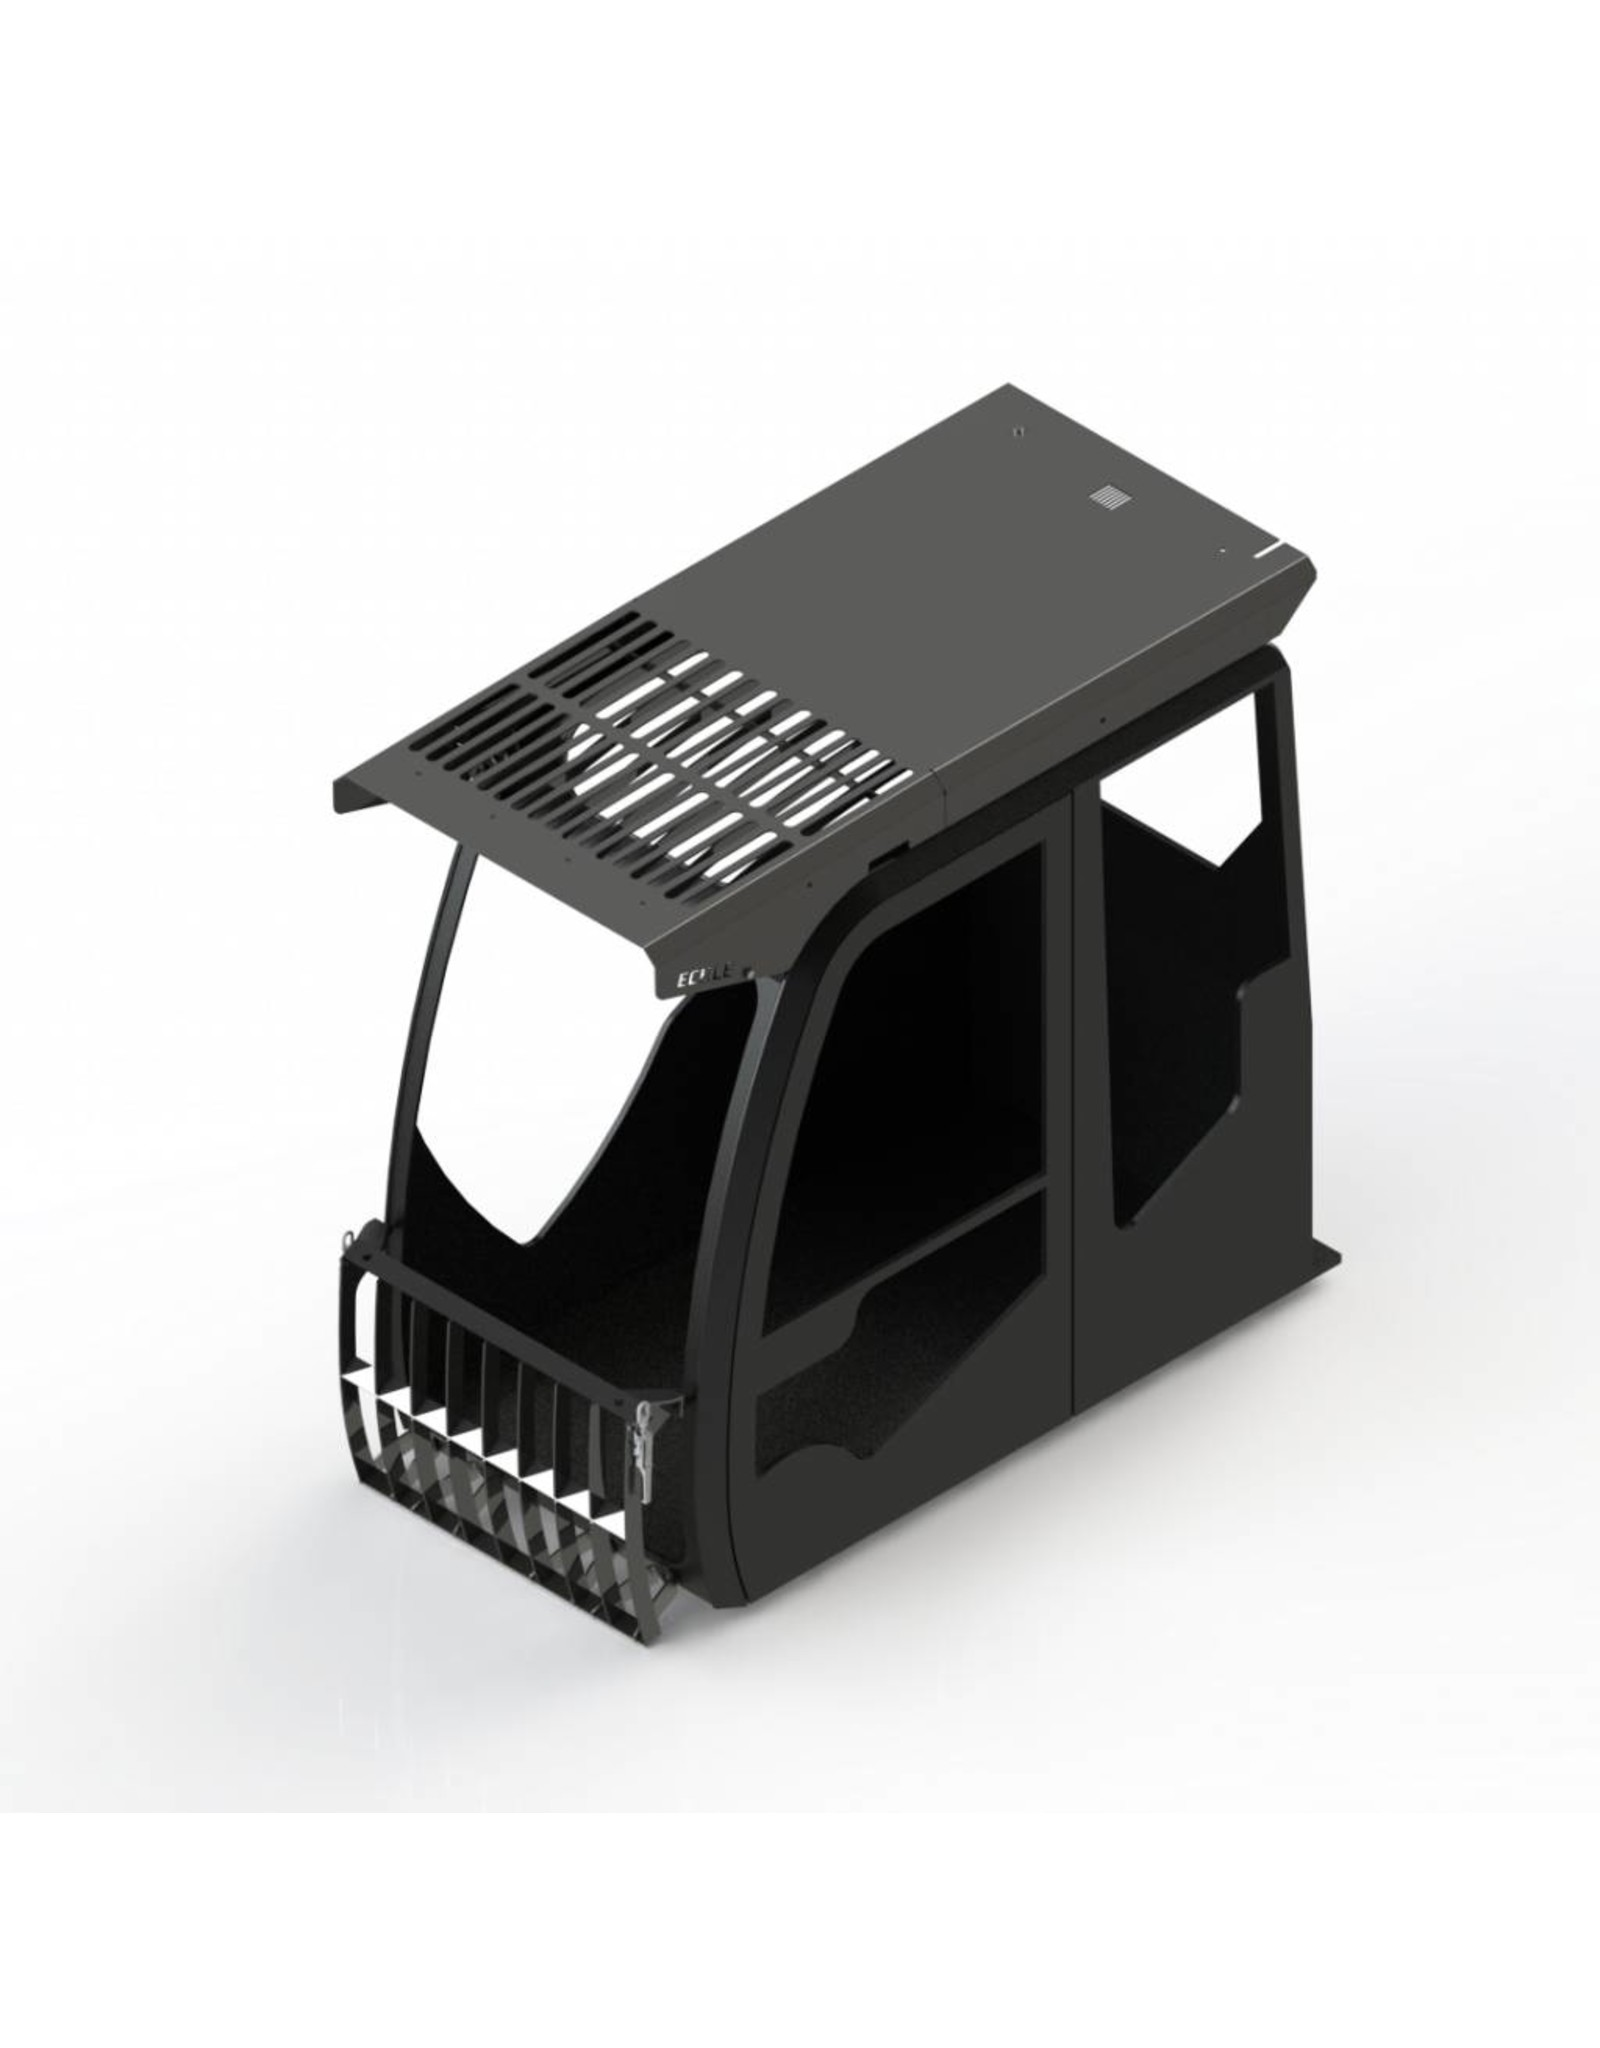 Echle Hartstahl GmbH FOPS für Doosan DX190W-5